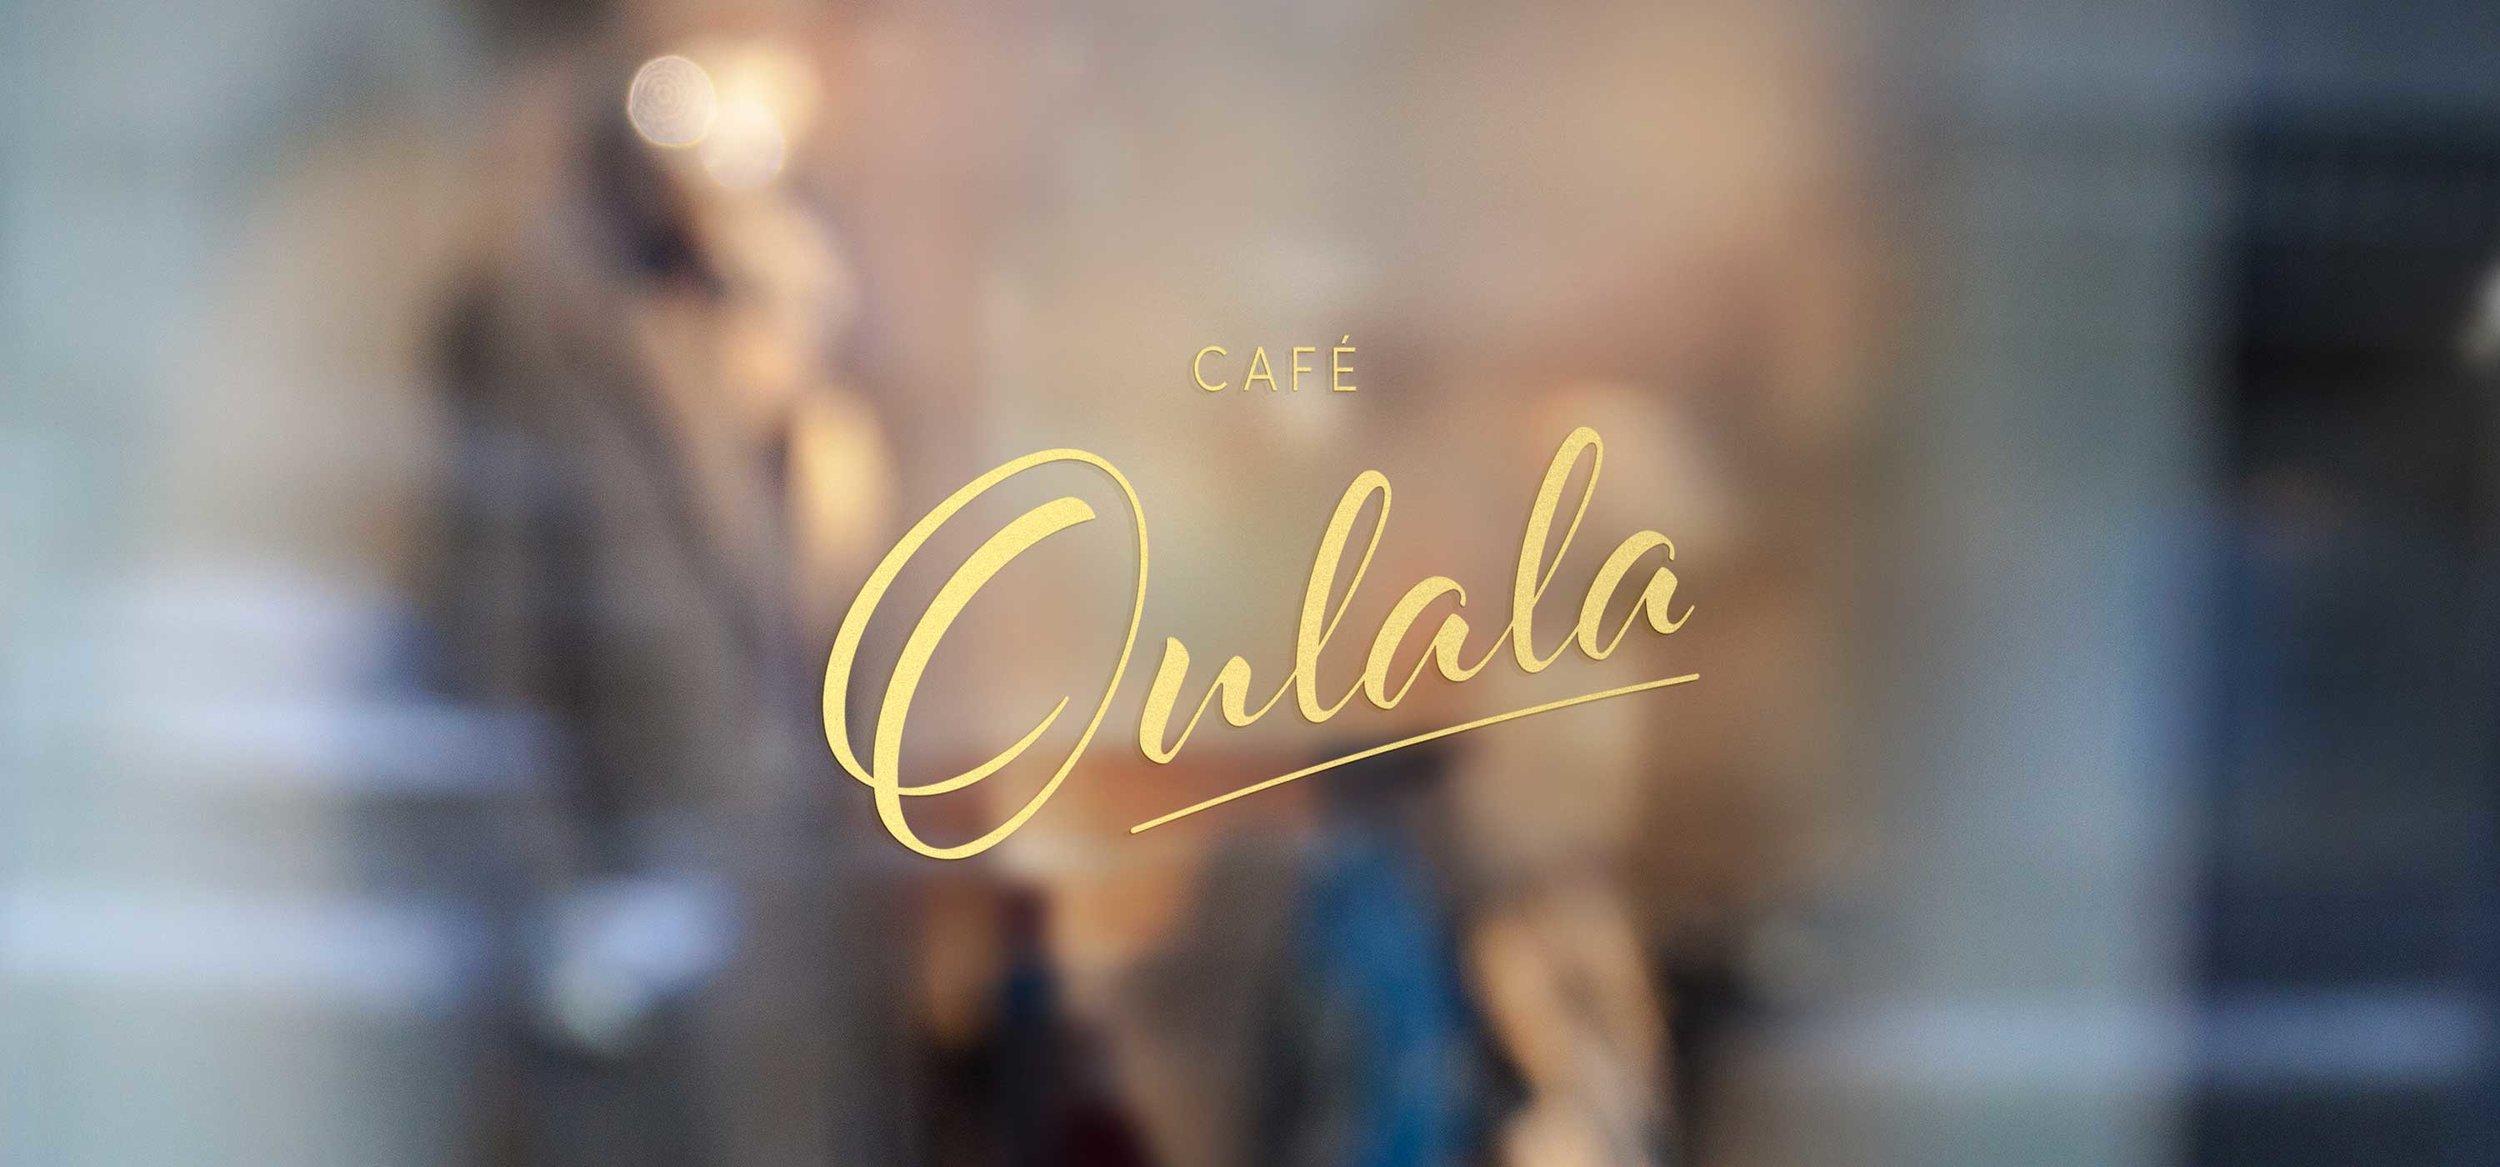 Cafe Oulala Logo Window